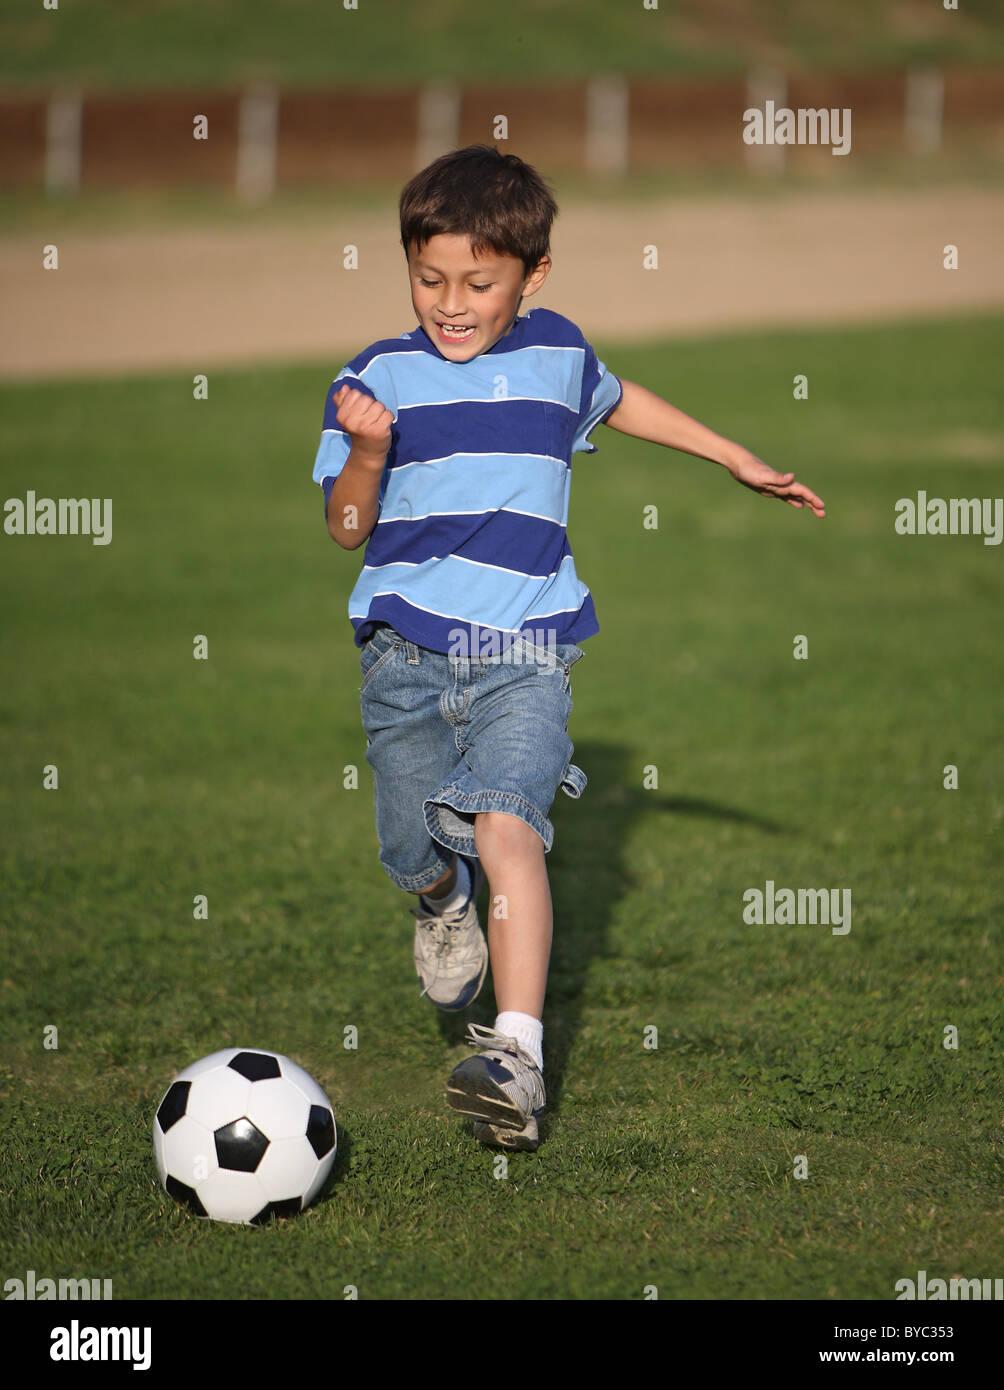 Heureux garçon Latino authentique jouant avec un ballon de soccer dans la zone portant des tee shirt rayé Photo Stock